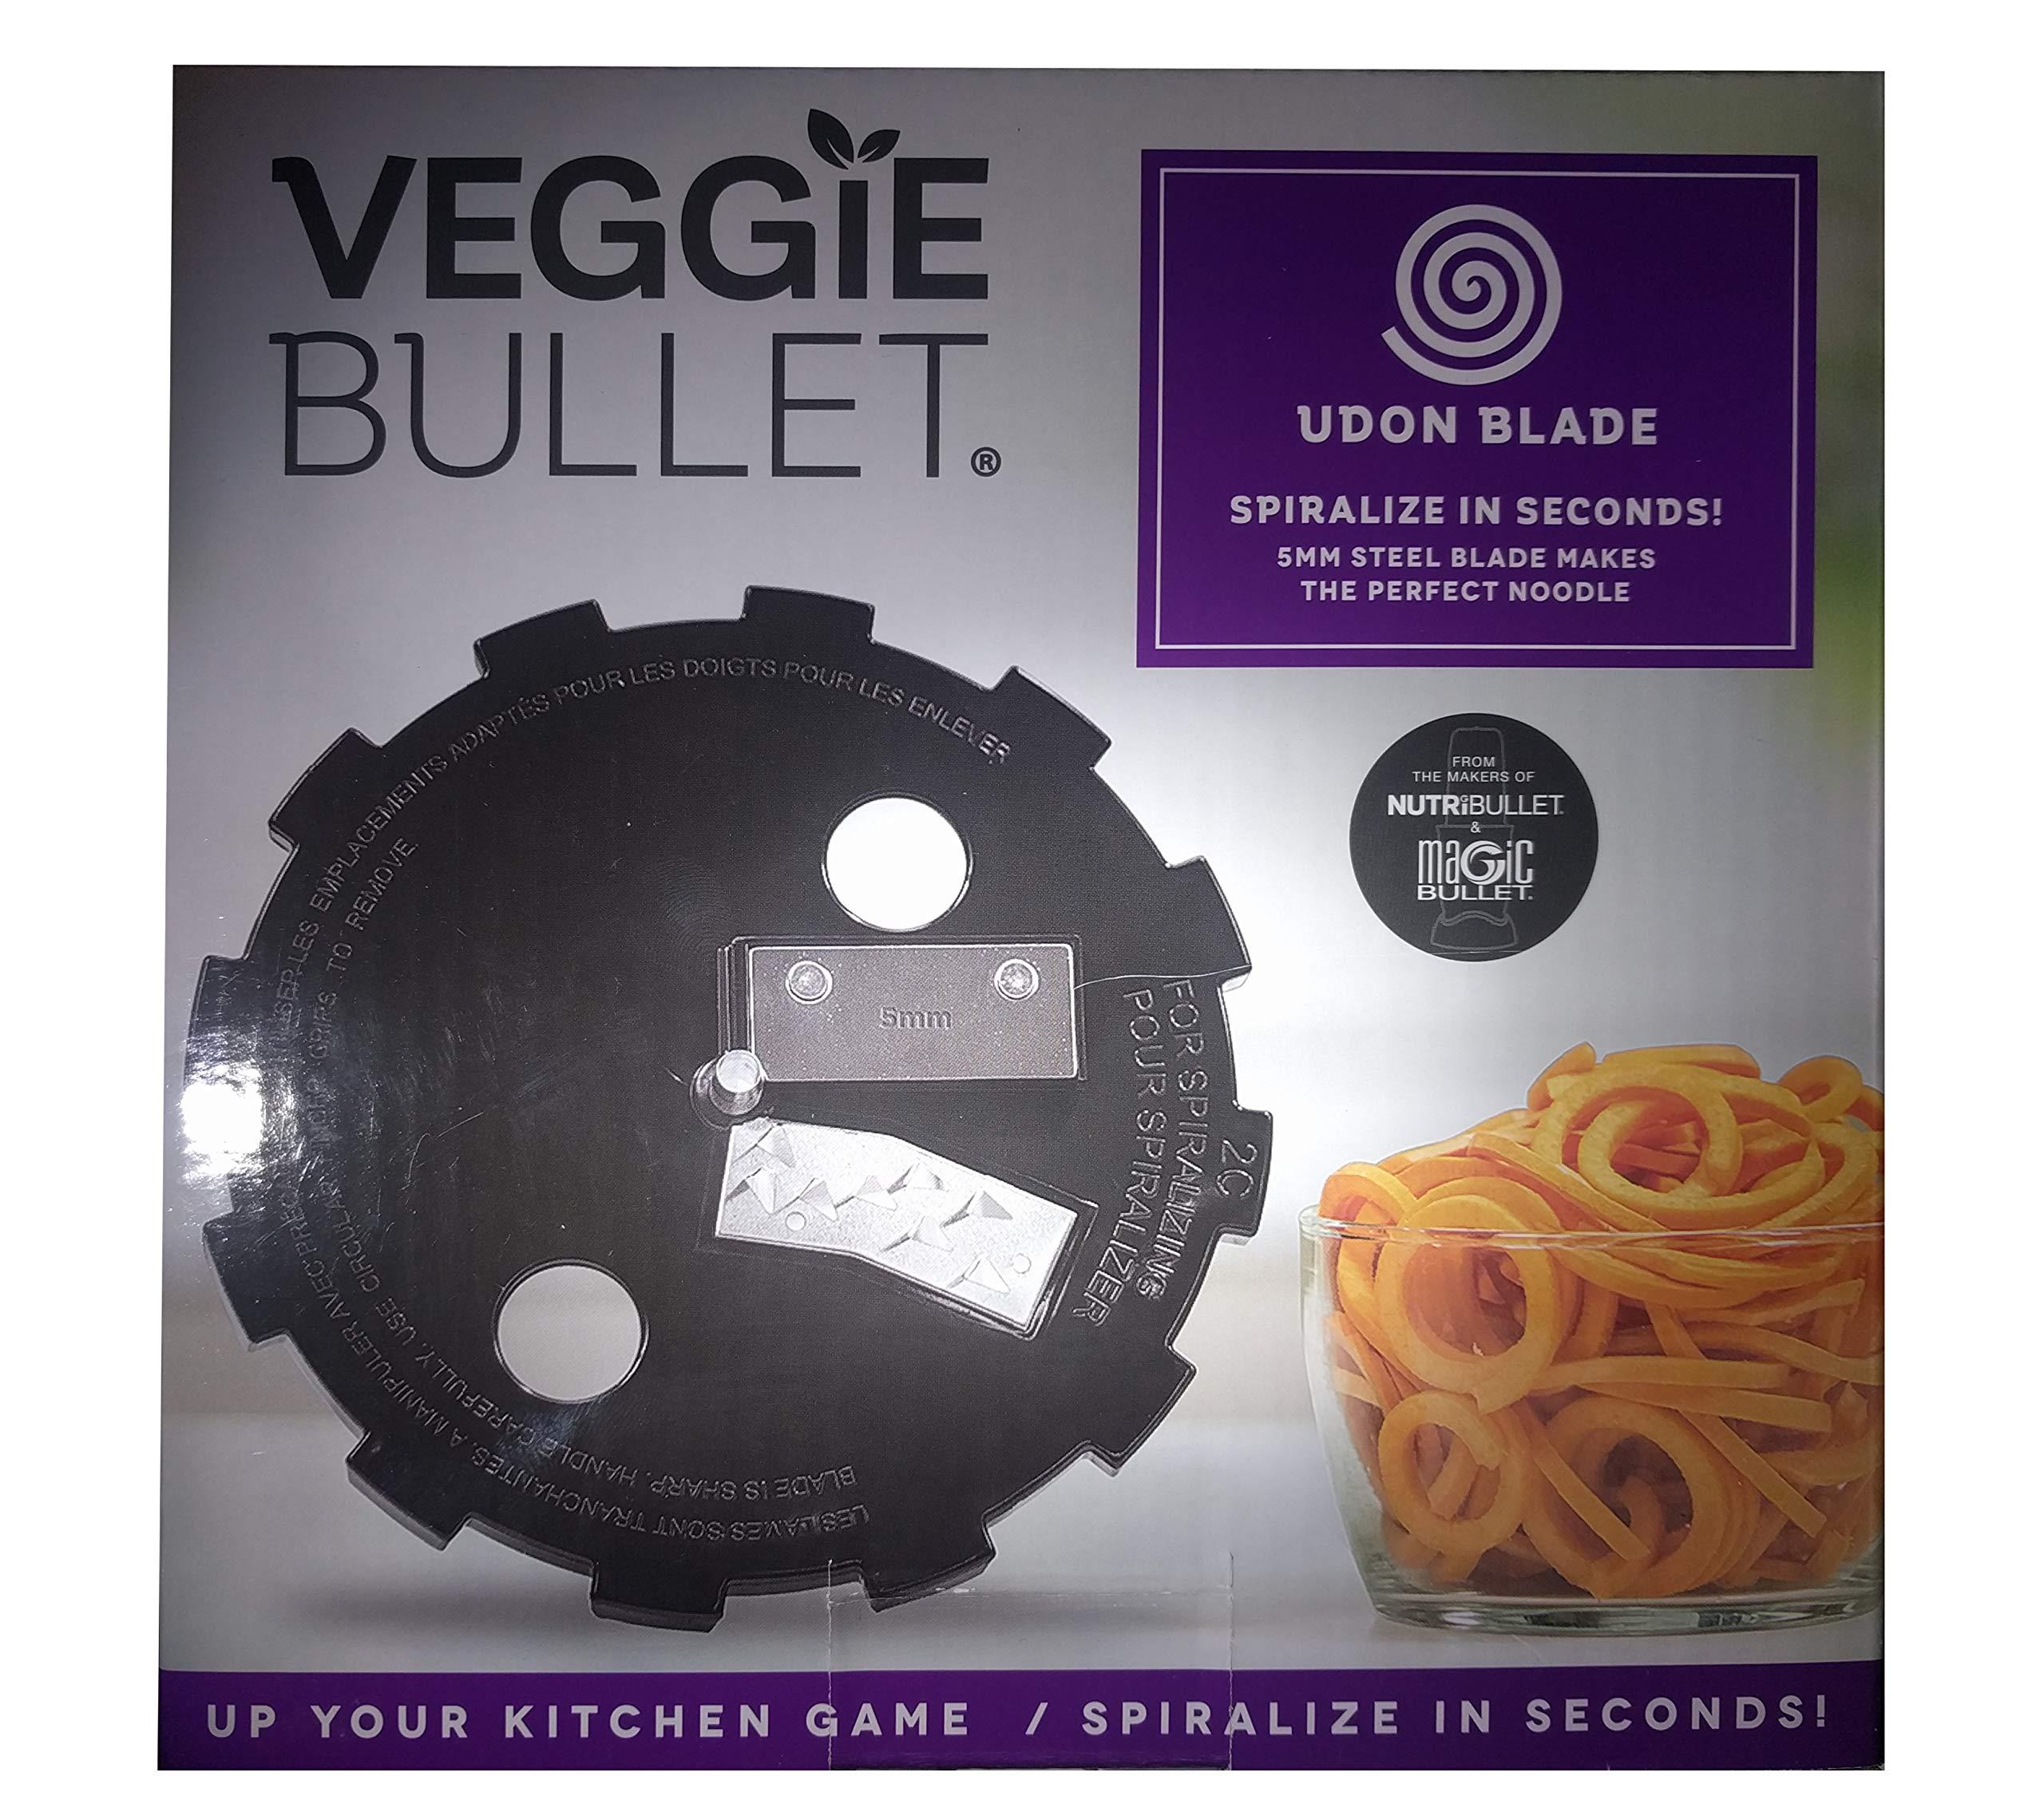 Veggie Bullet Blade (Udon Blade)